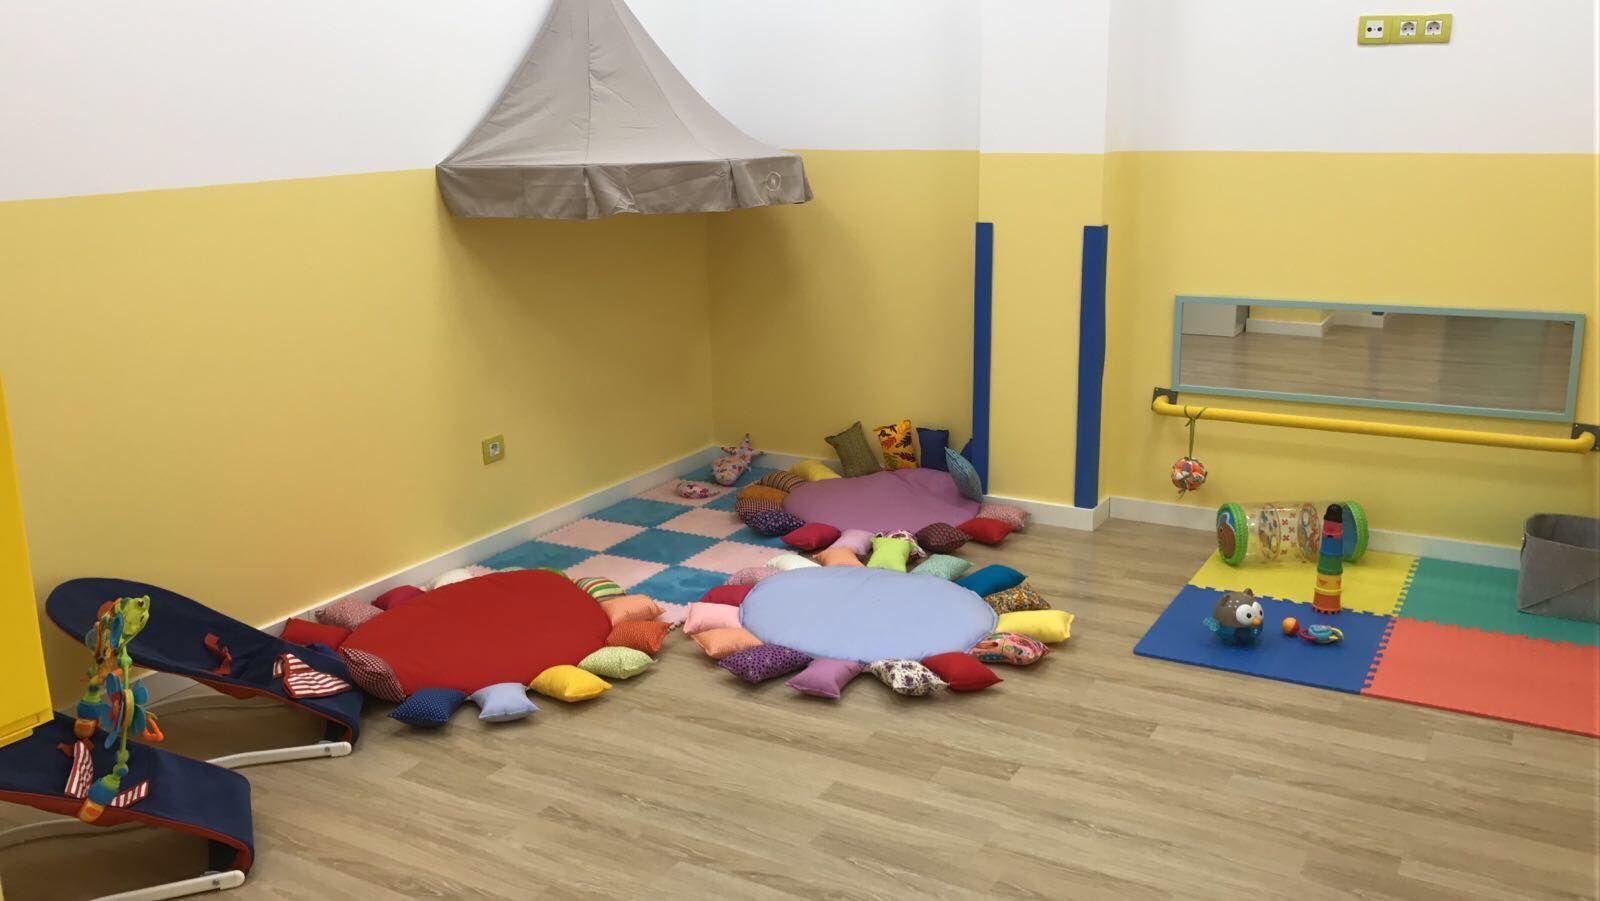 Foto 22 de Escuelas infantiles en Las Palmas de Gran Canaria | Centro Infantil Mi Mundo de Colores